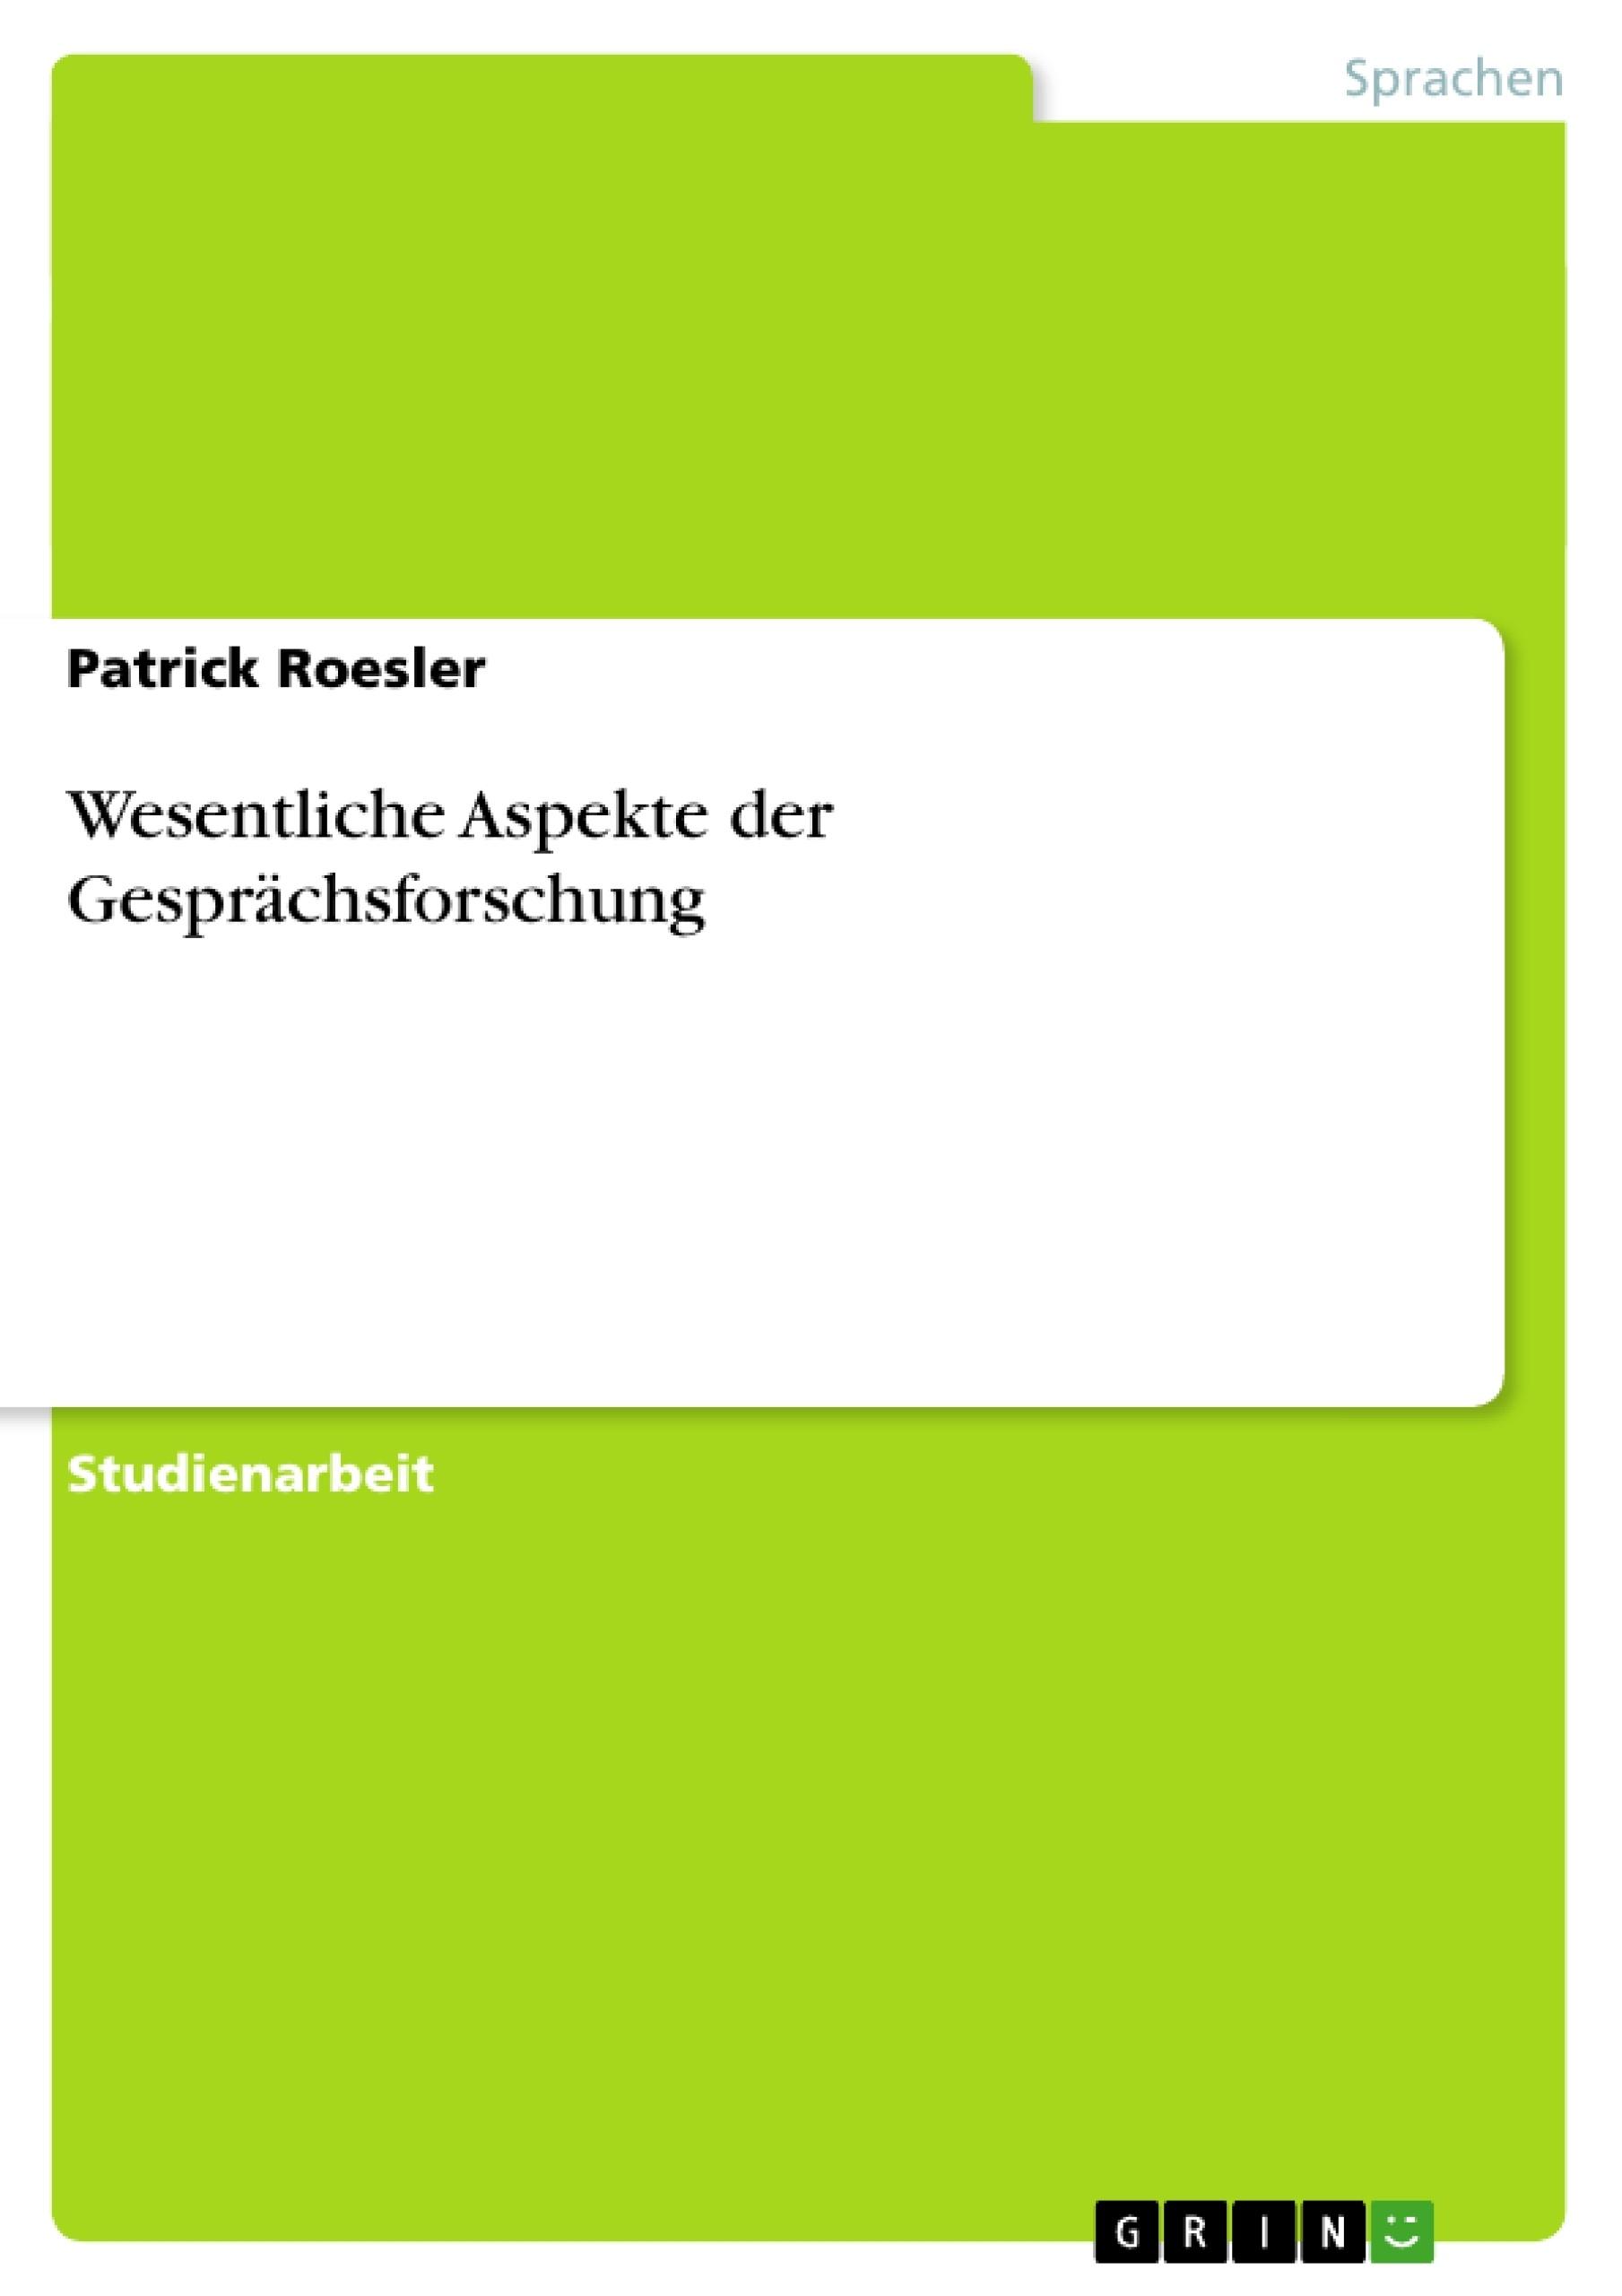 Titel: Wesentliche Aspekte der Gesprächsforschung